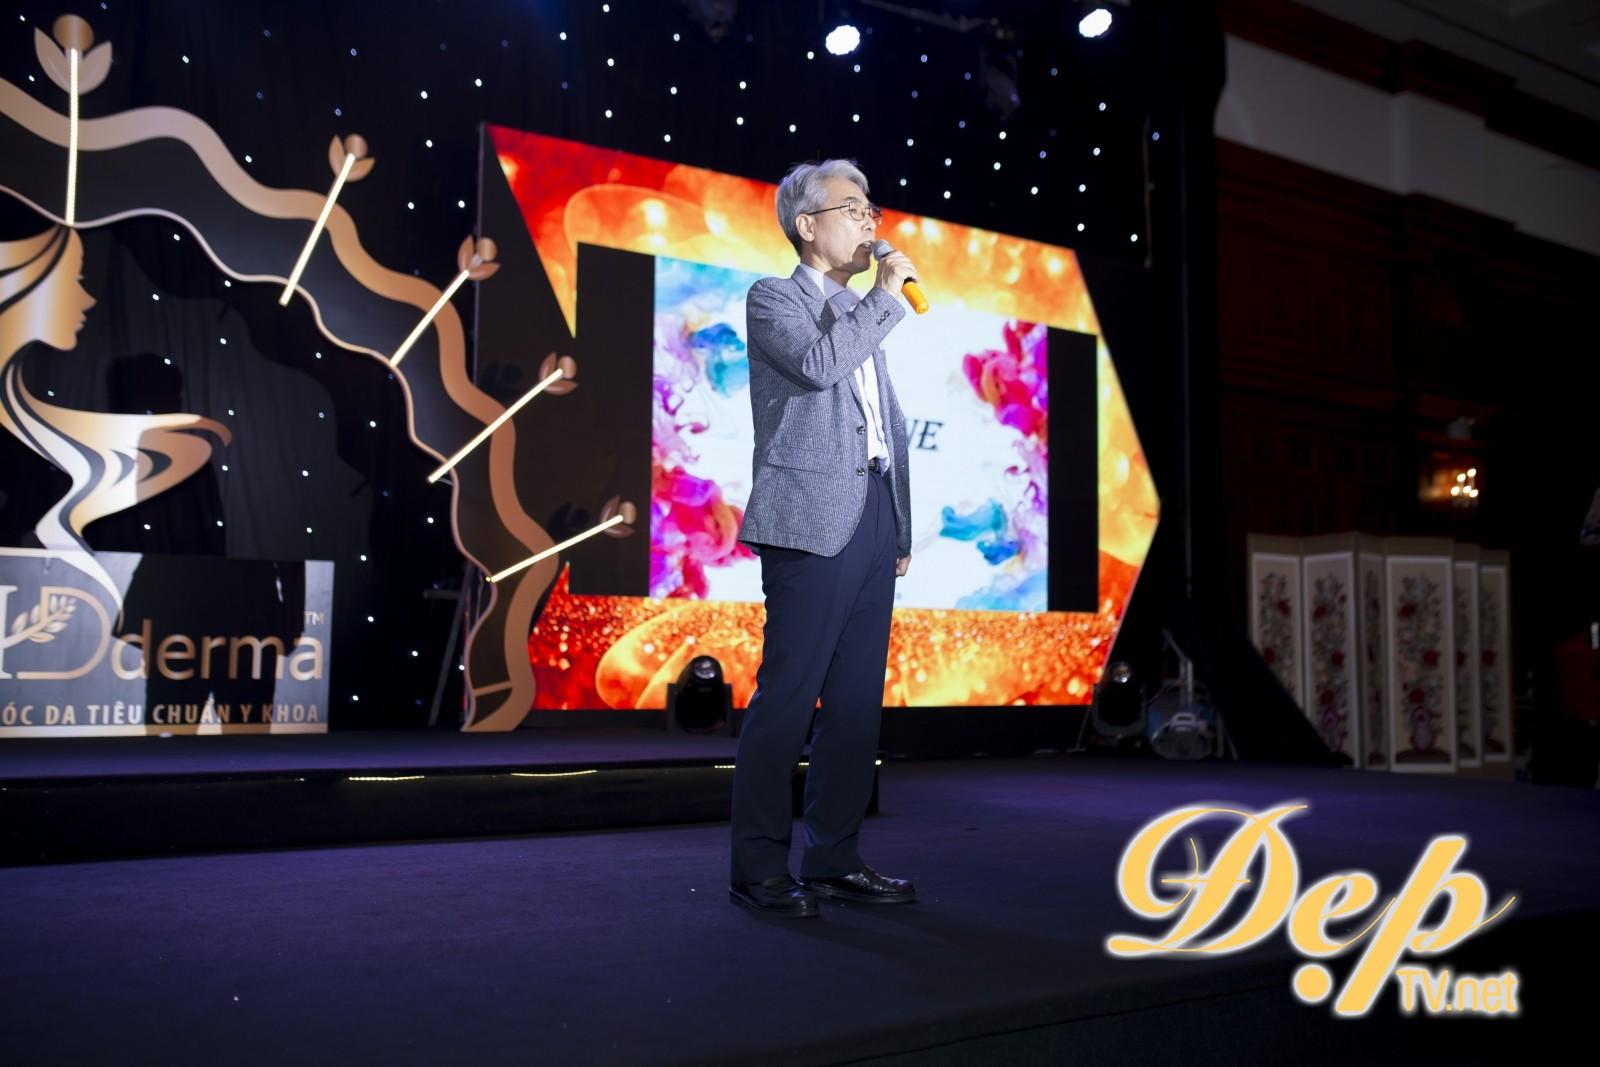 Ấn tượng Hội thảo Khoa học – Chăm sóc da theo tiêu chuẩn y khoa do HD Derma & Shine tổ chức